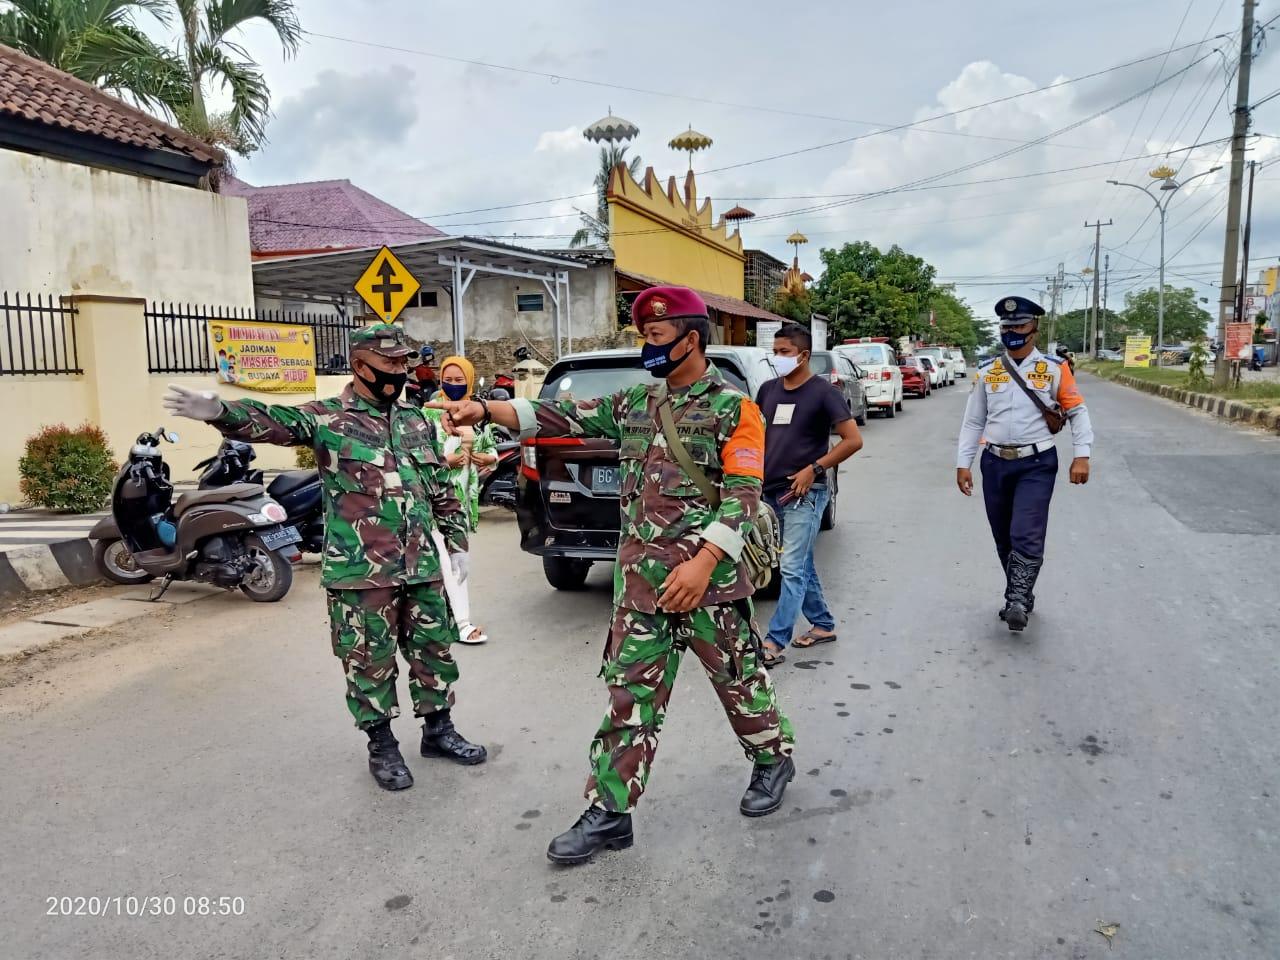 Gugus Tugas Covid-19 Kota Bandar Lampung lakukan pengamanan di pos perbatasan wilayah kota Bandar Lampung.